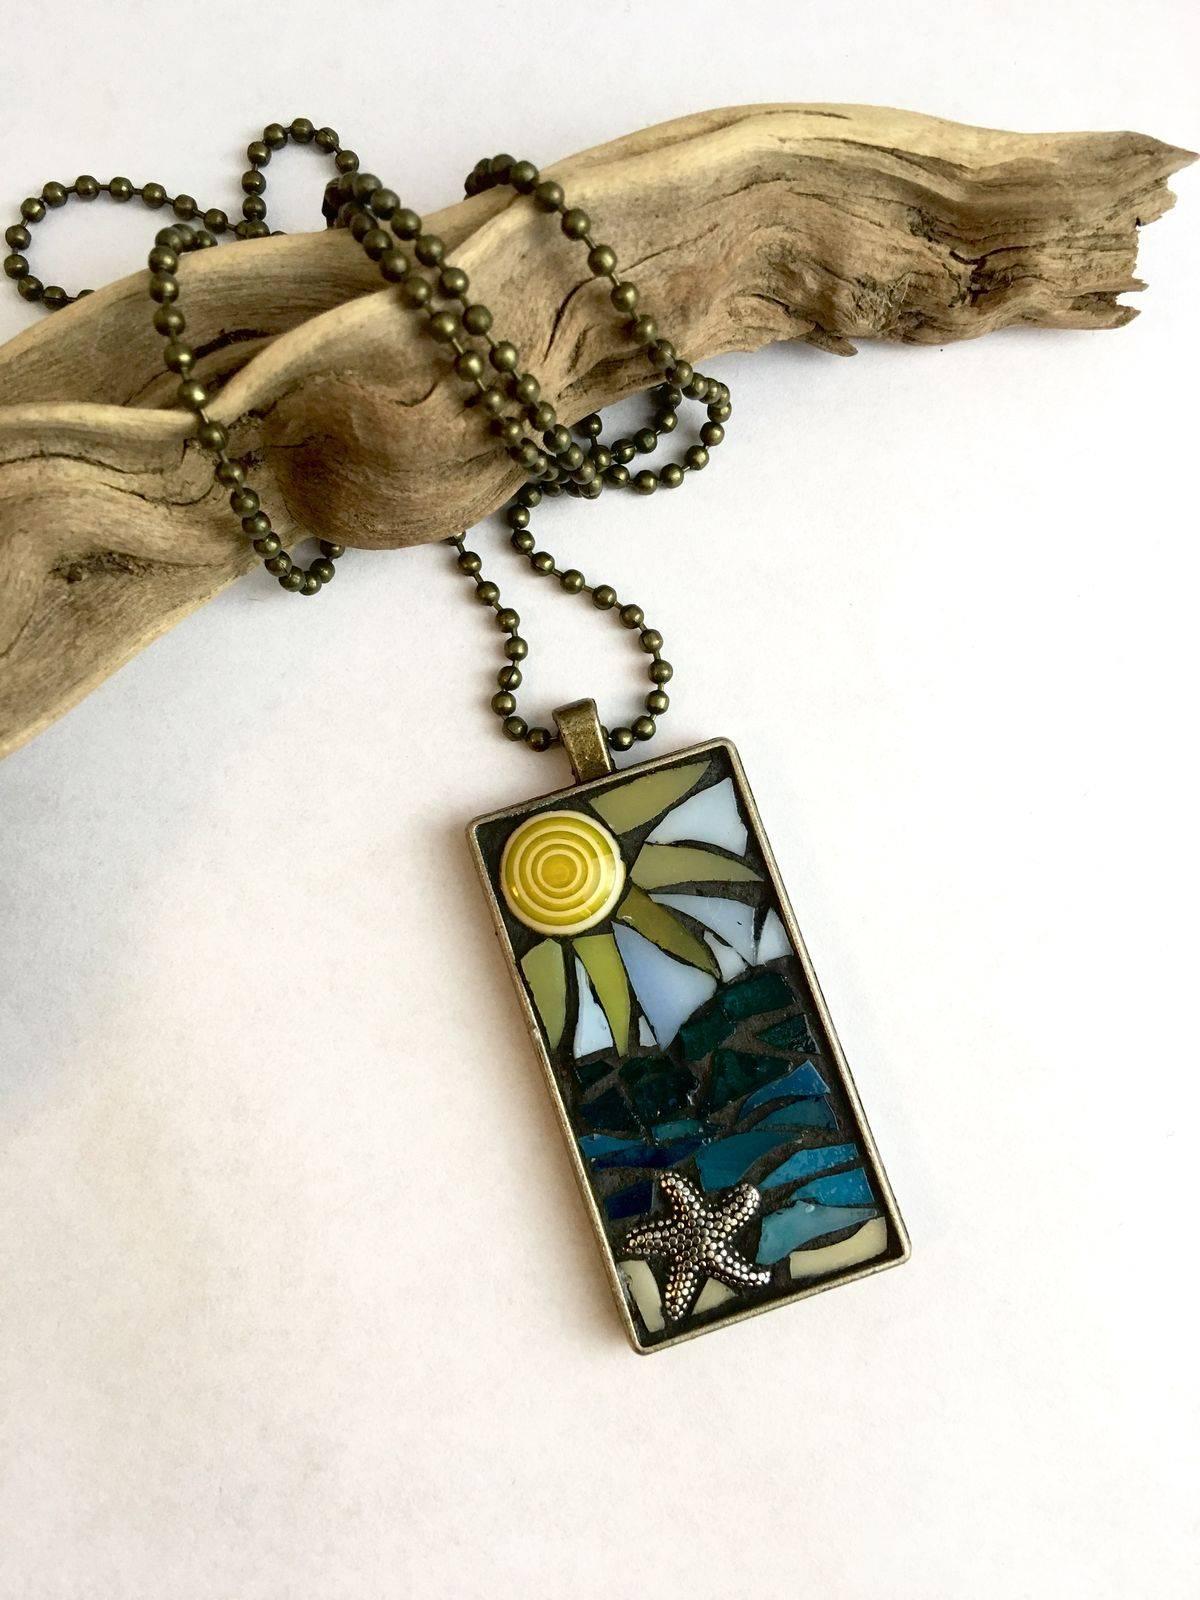 Beach glass jewelry-802485227328838308